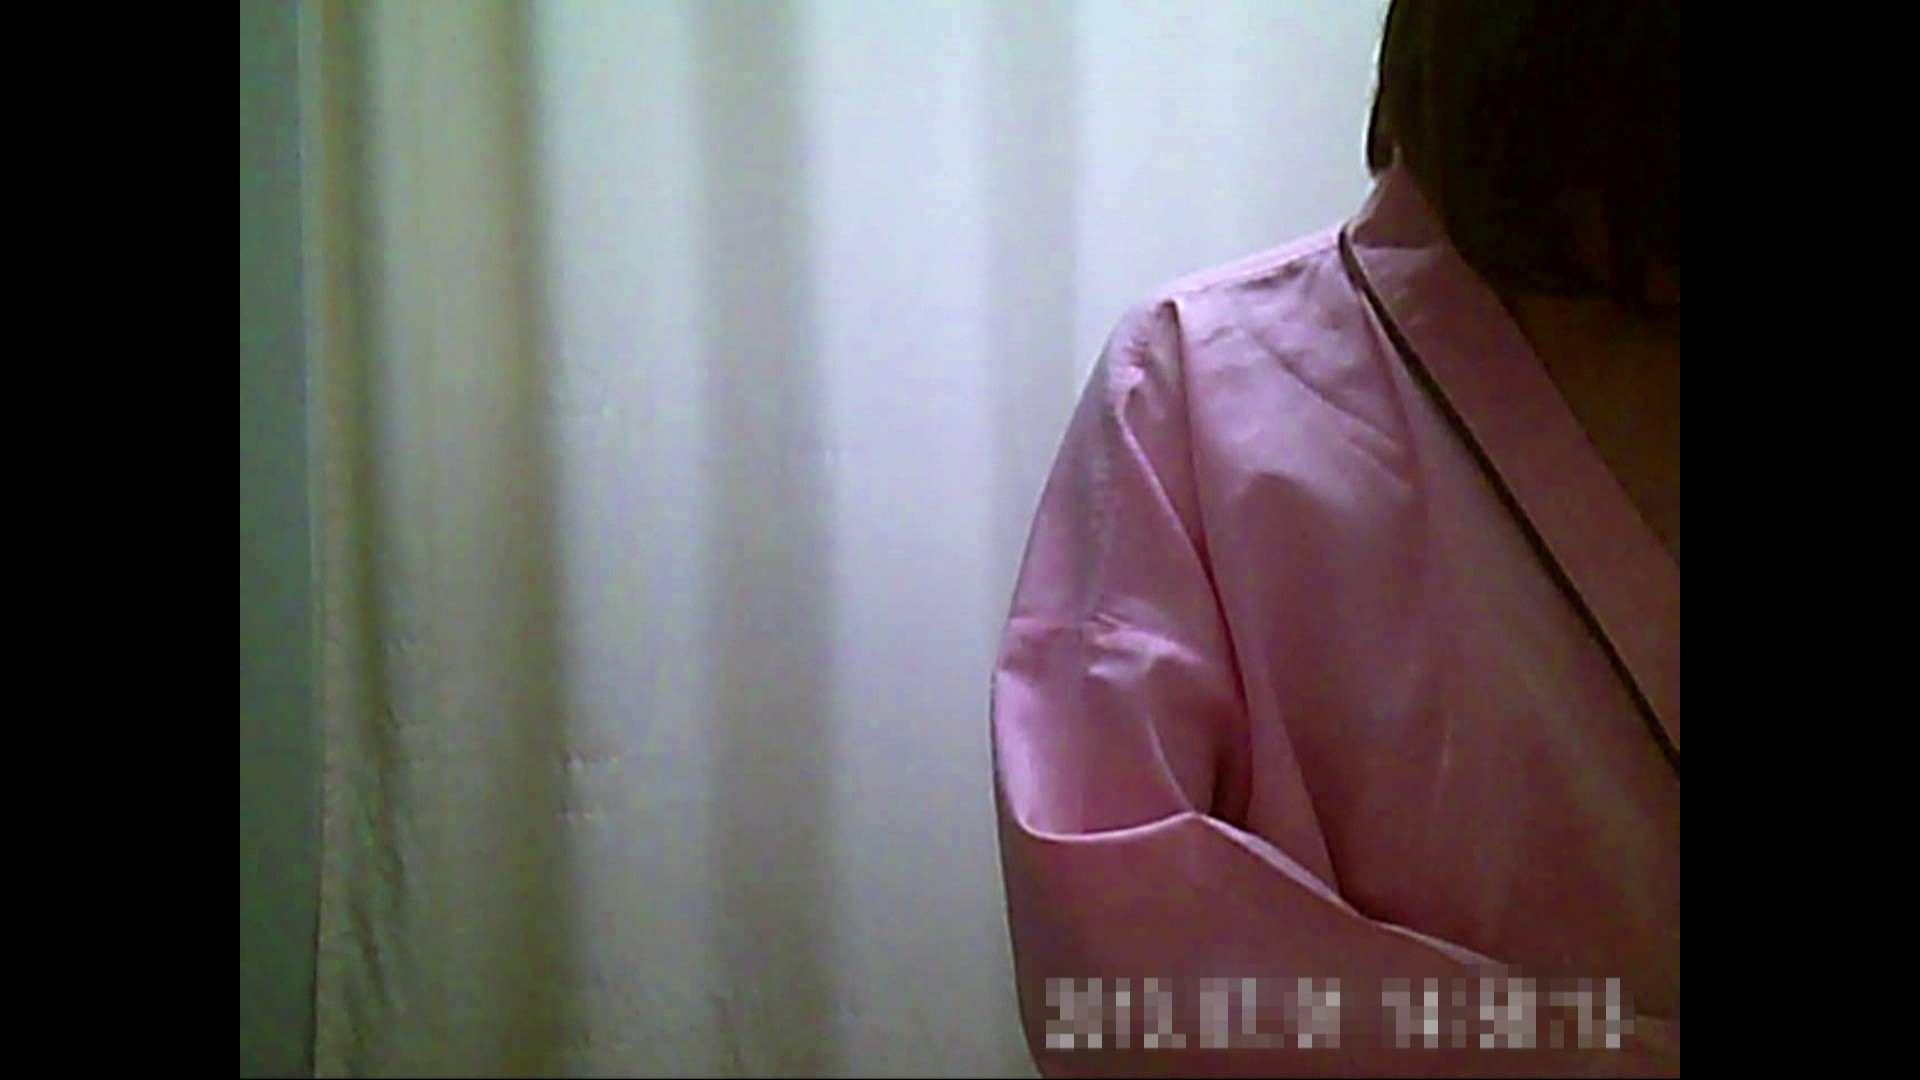 元医者による反抗 更衣室地獄絵巻 vol.039 ギャル達 オメコ動画キャプチャ 110枚 107